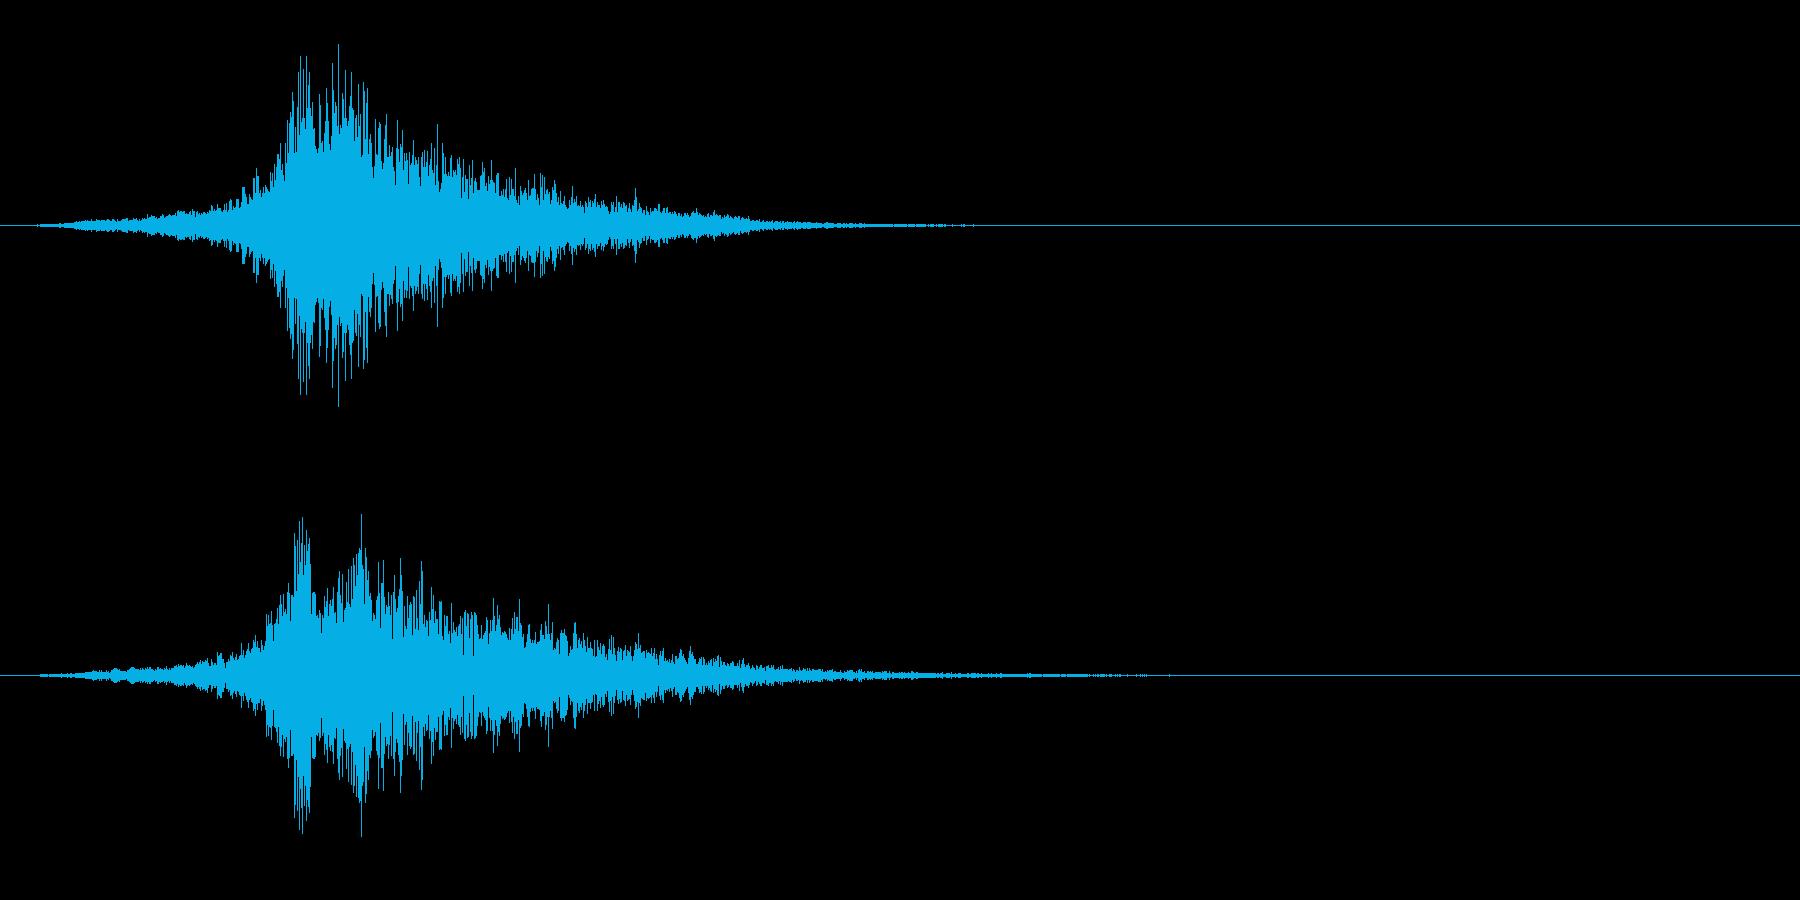 ハリウッドホラー映画、ゴーストの音の再生済みの波形